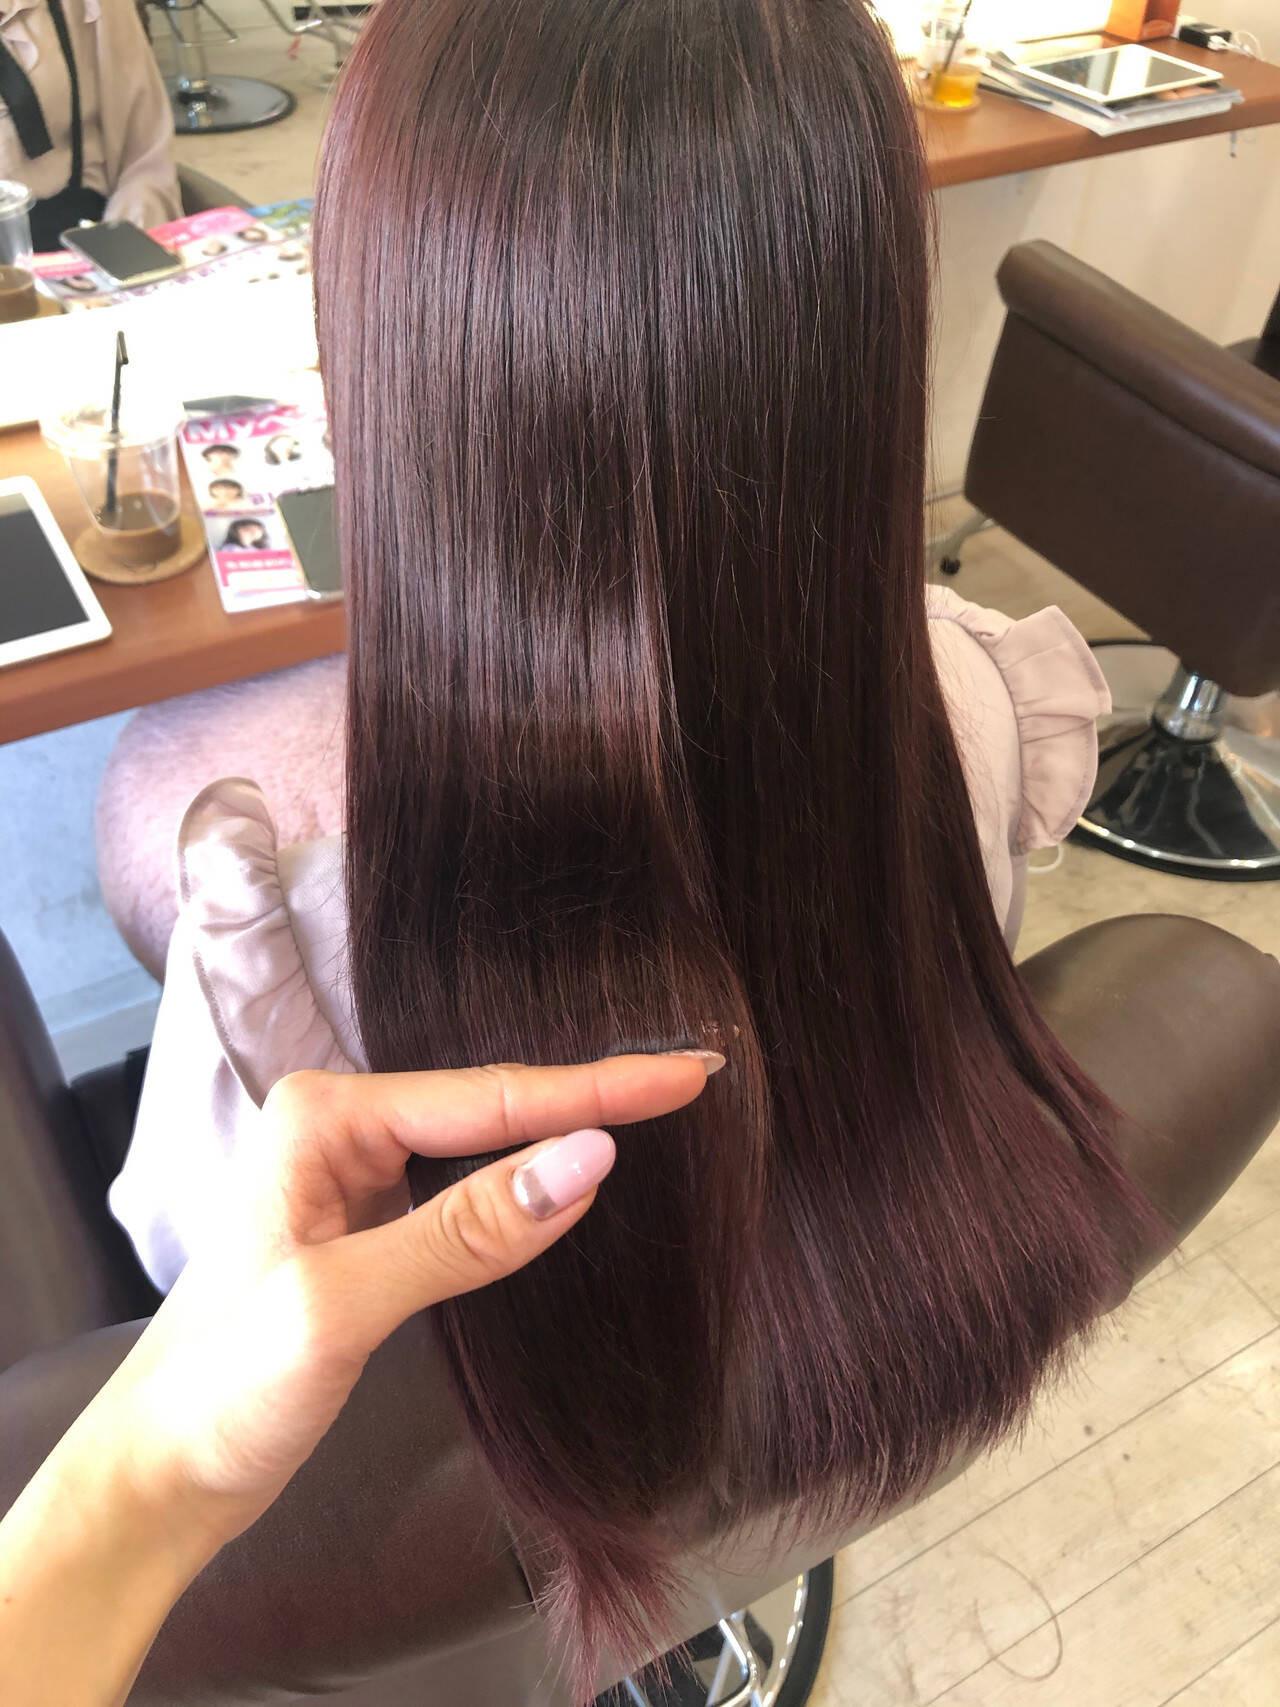 ヘアセットはせずスタイリング剤もつけずに行く 勝又舞夏  Richer hairsalon リシェル渋谷